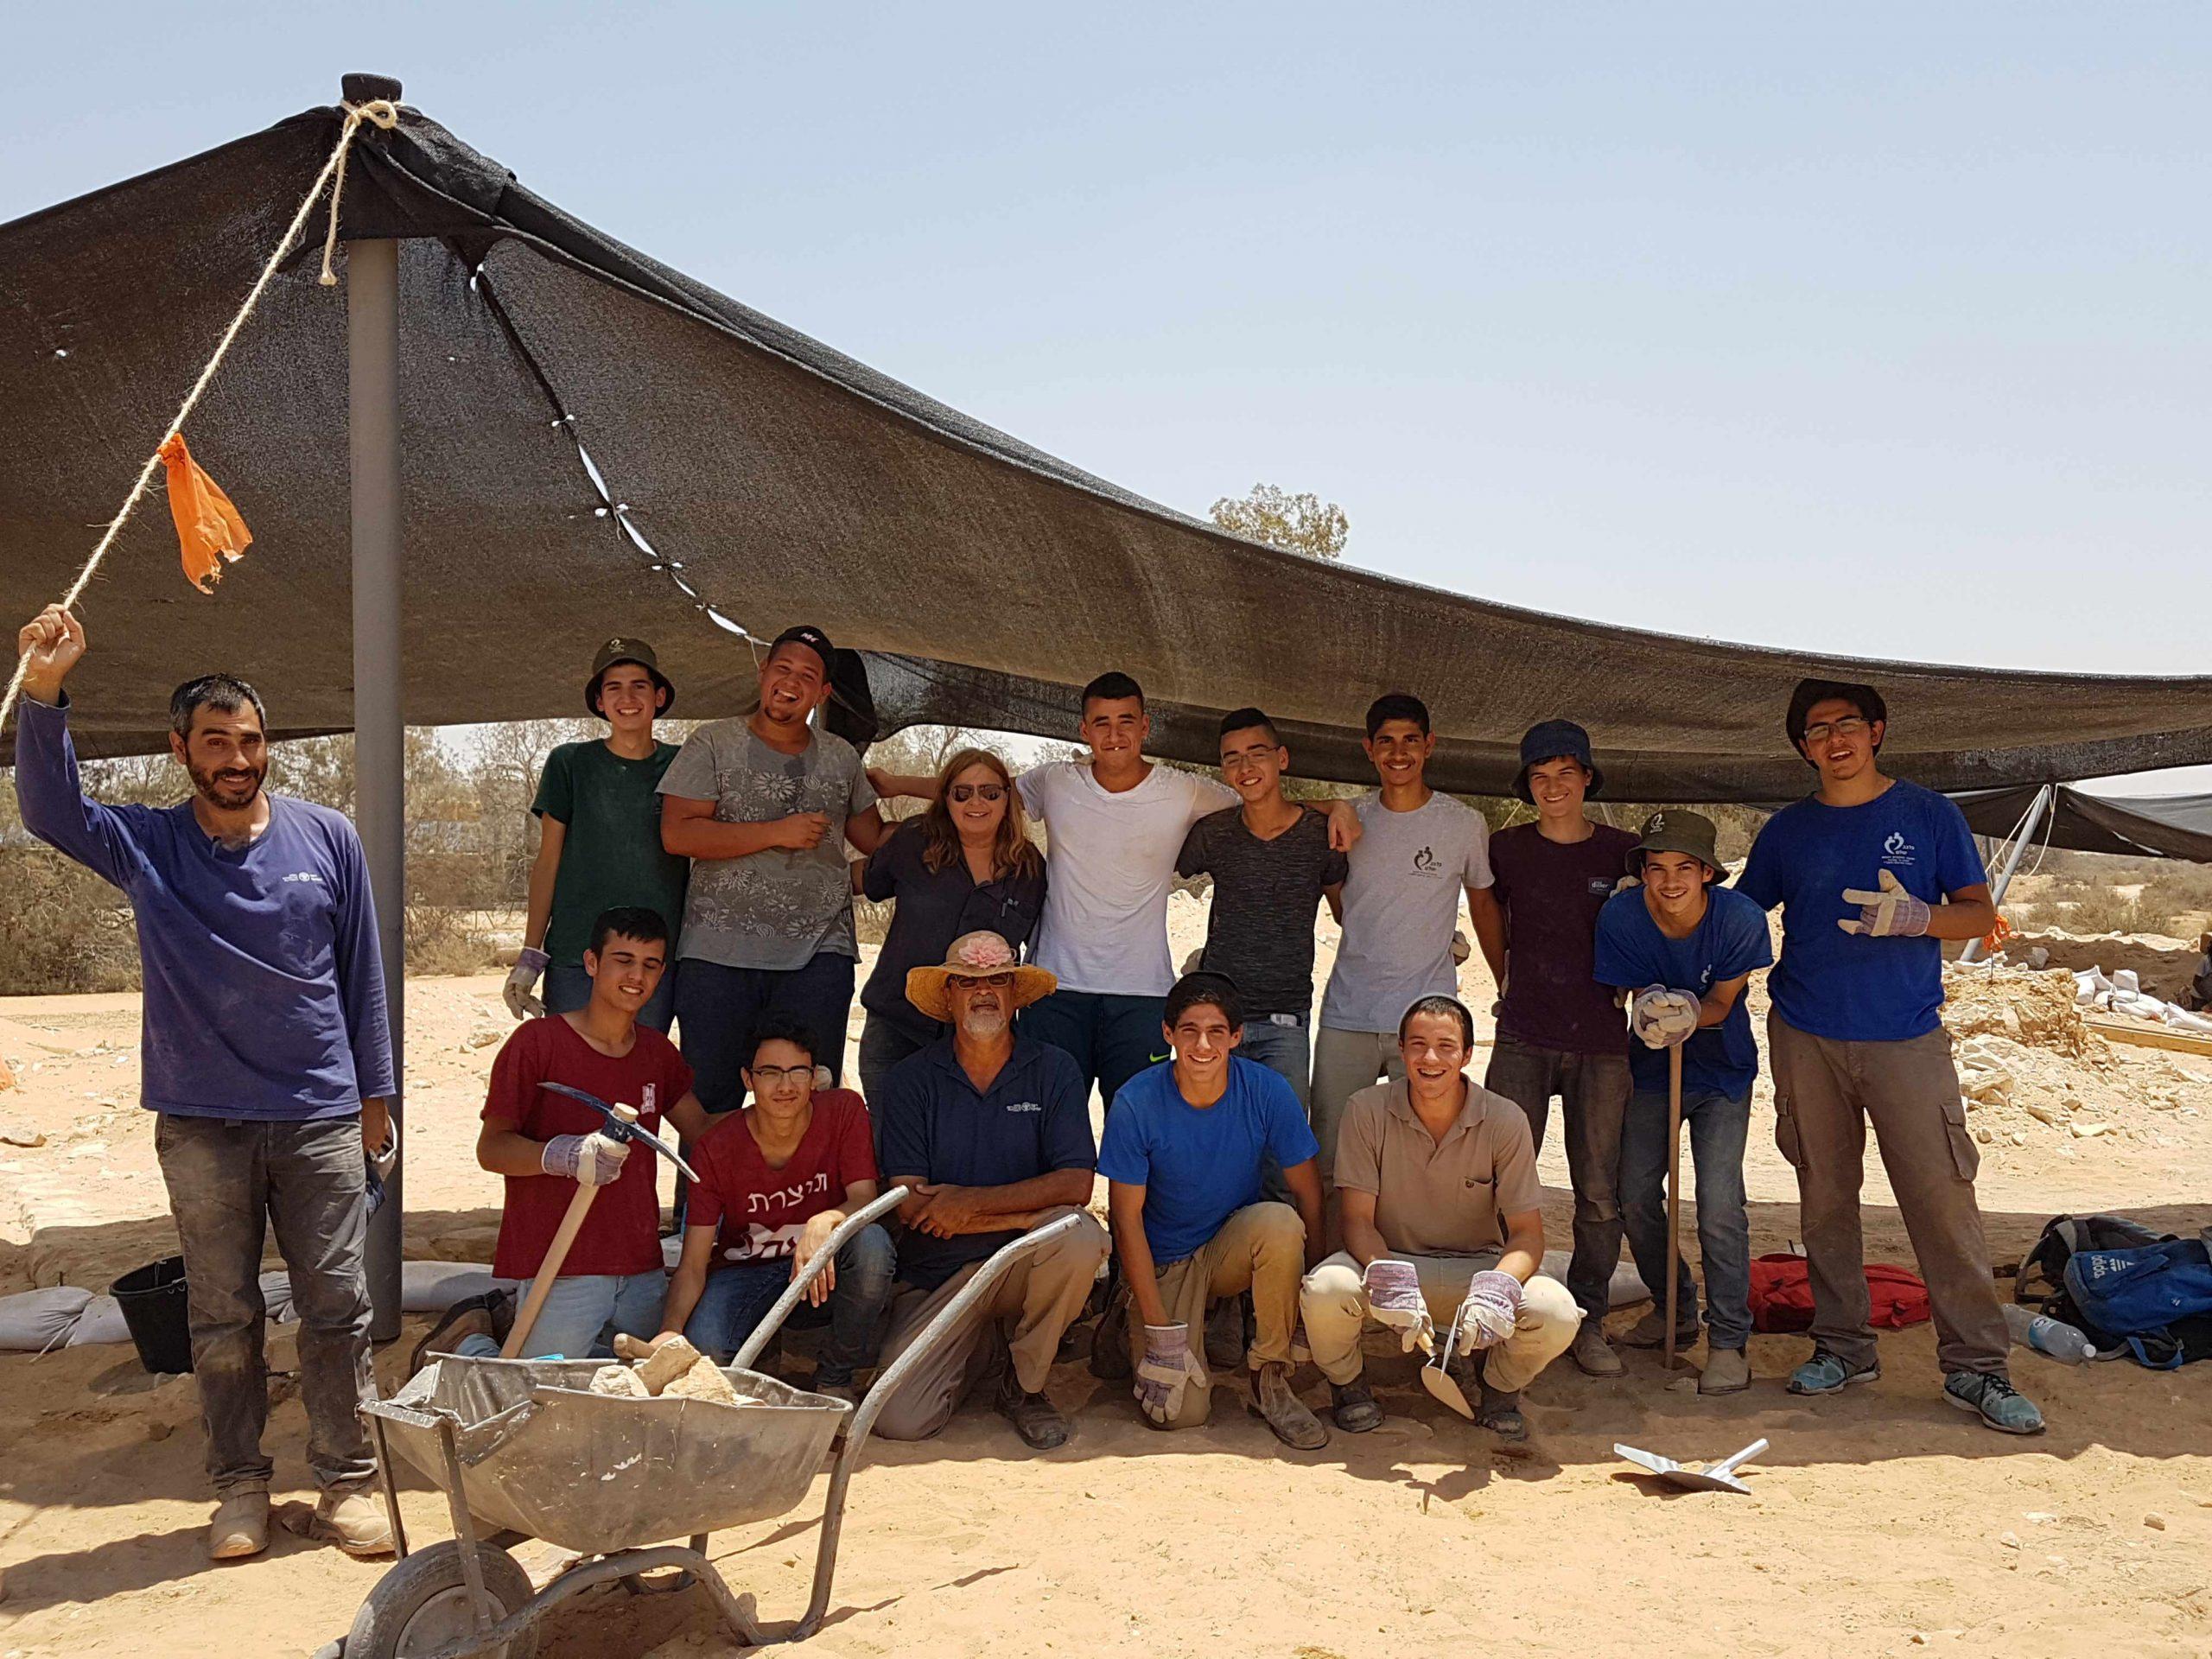 בני הנוער מירוחם שהשתתפו בחפירות בגת בנגב